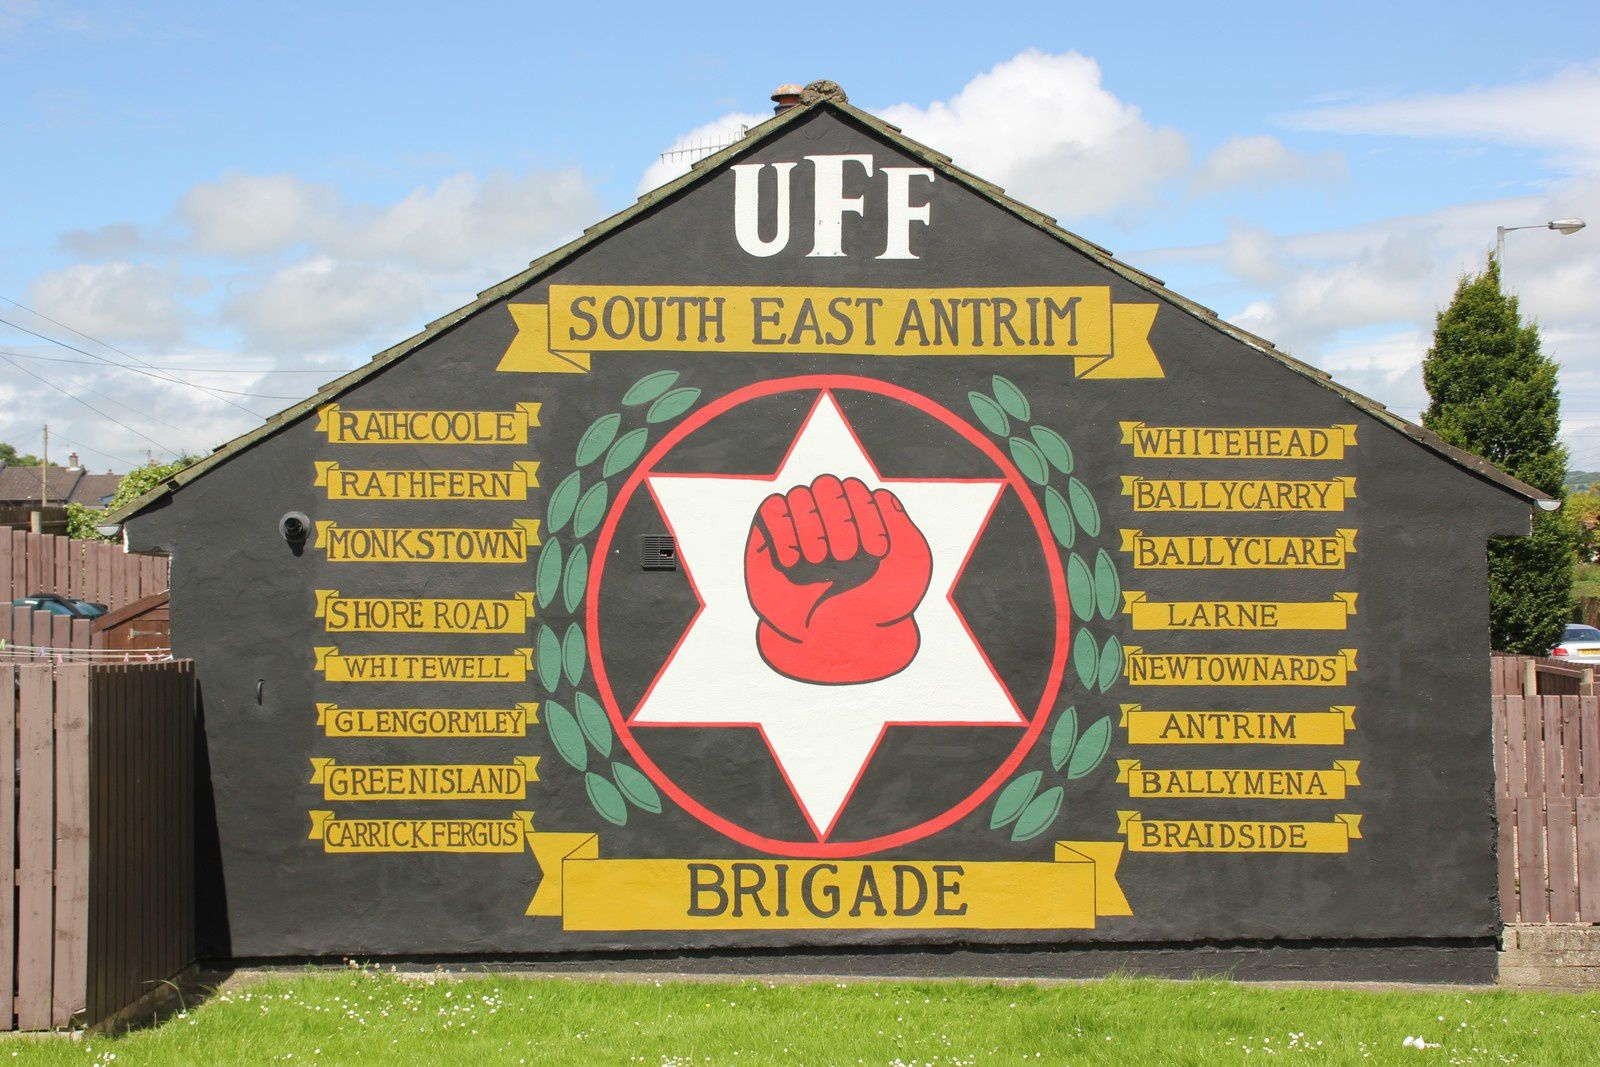 718) Doagh road, Newtownabbey, North Belfast